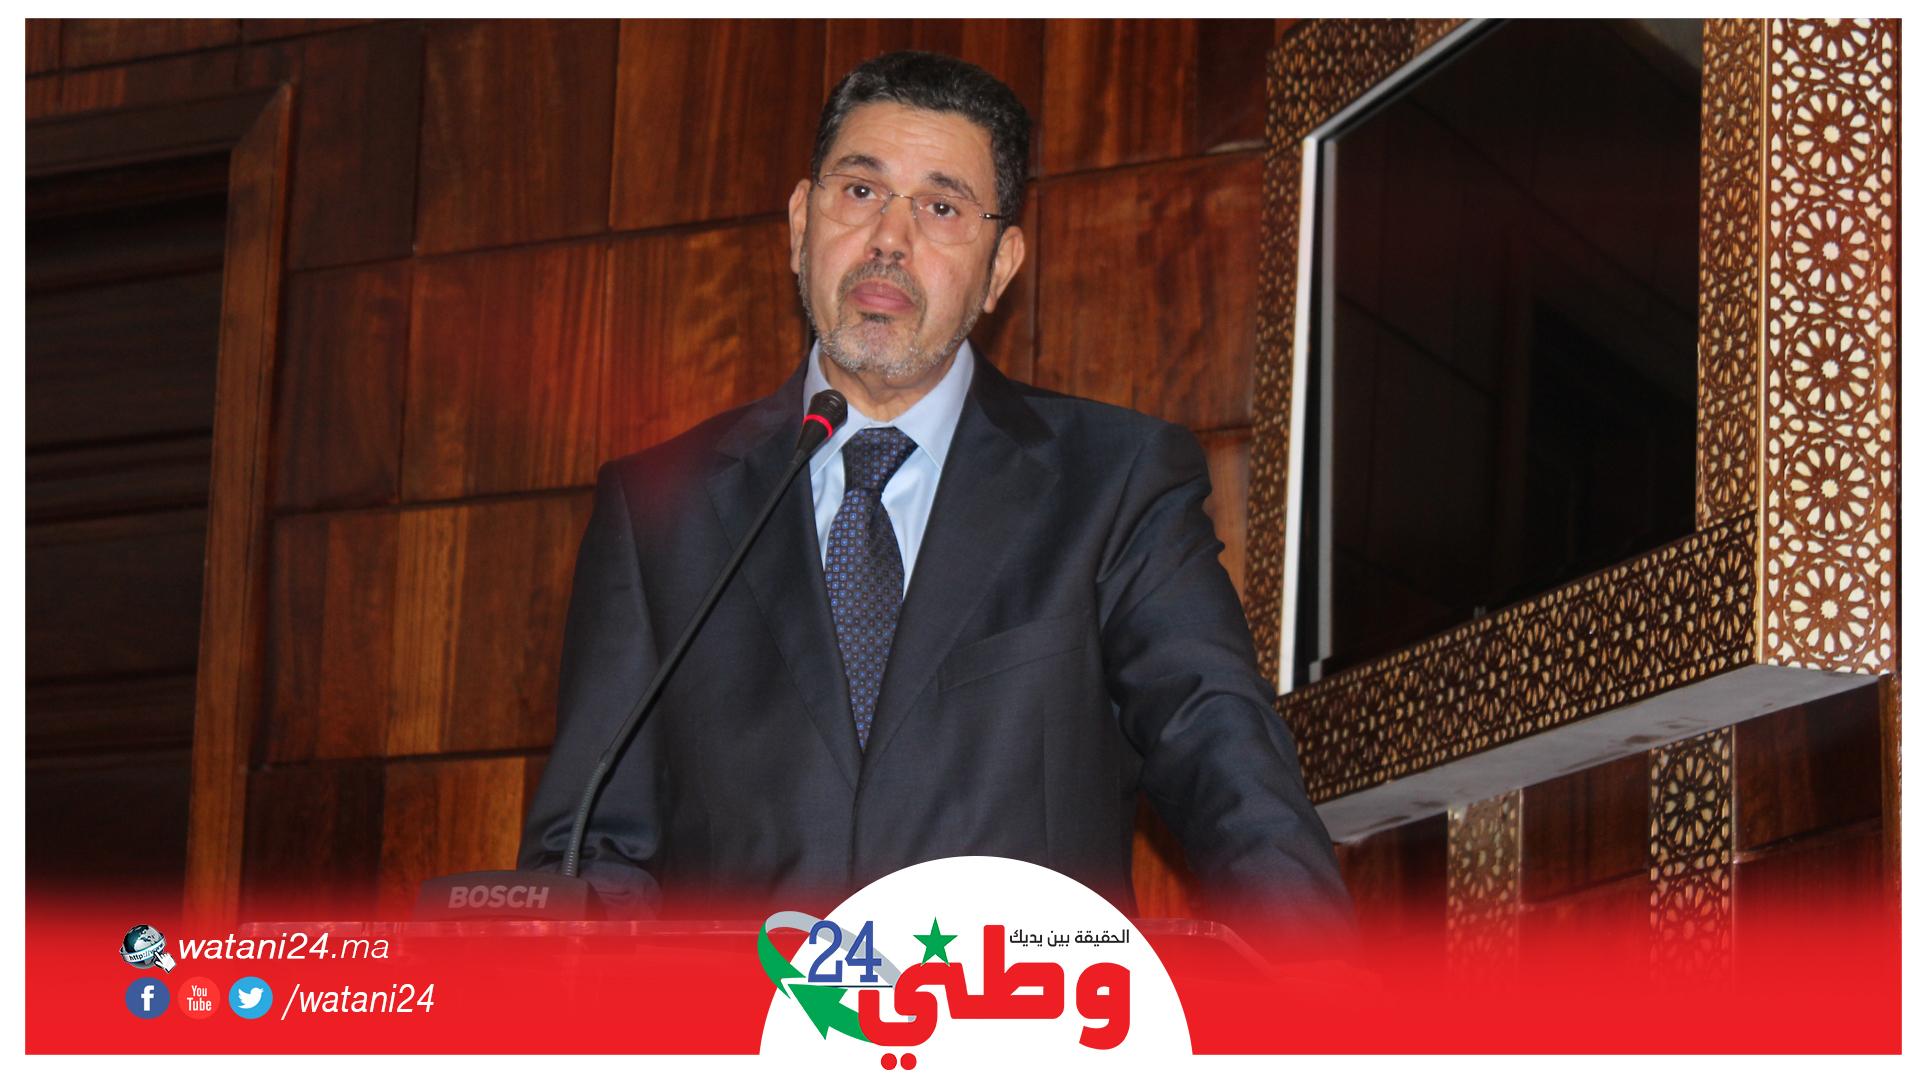 المجلس الأعلى للسلطة القضائية يعلن عن تاريخ بدء إيداع التصريحات بالترشح لانتخابات ممثلي القضاة